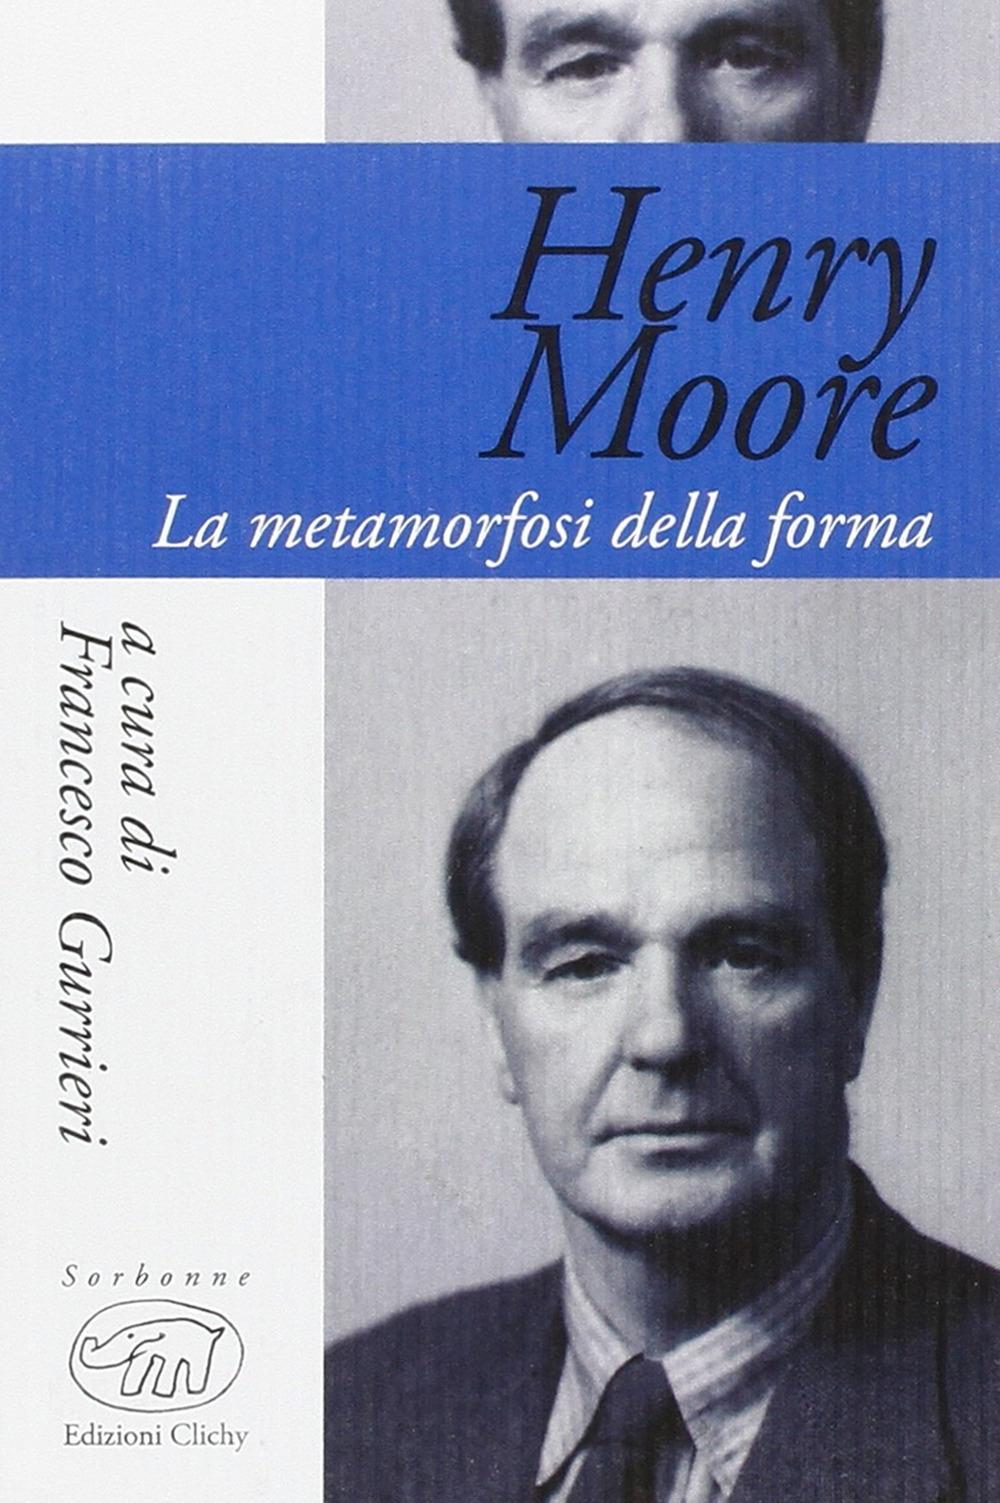 Henry Moore. La metamorfosi della forma.